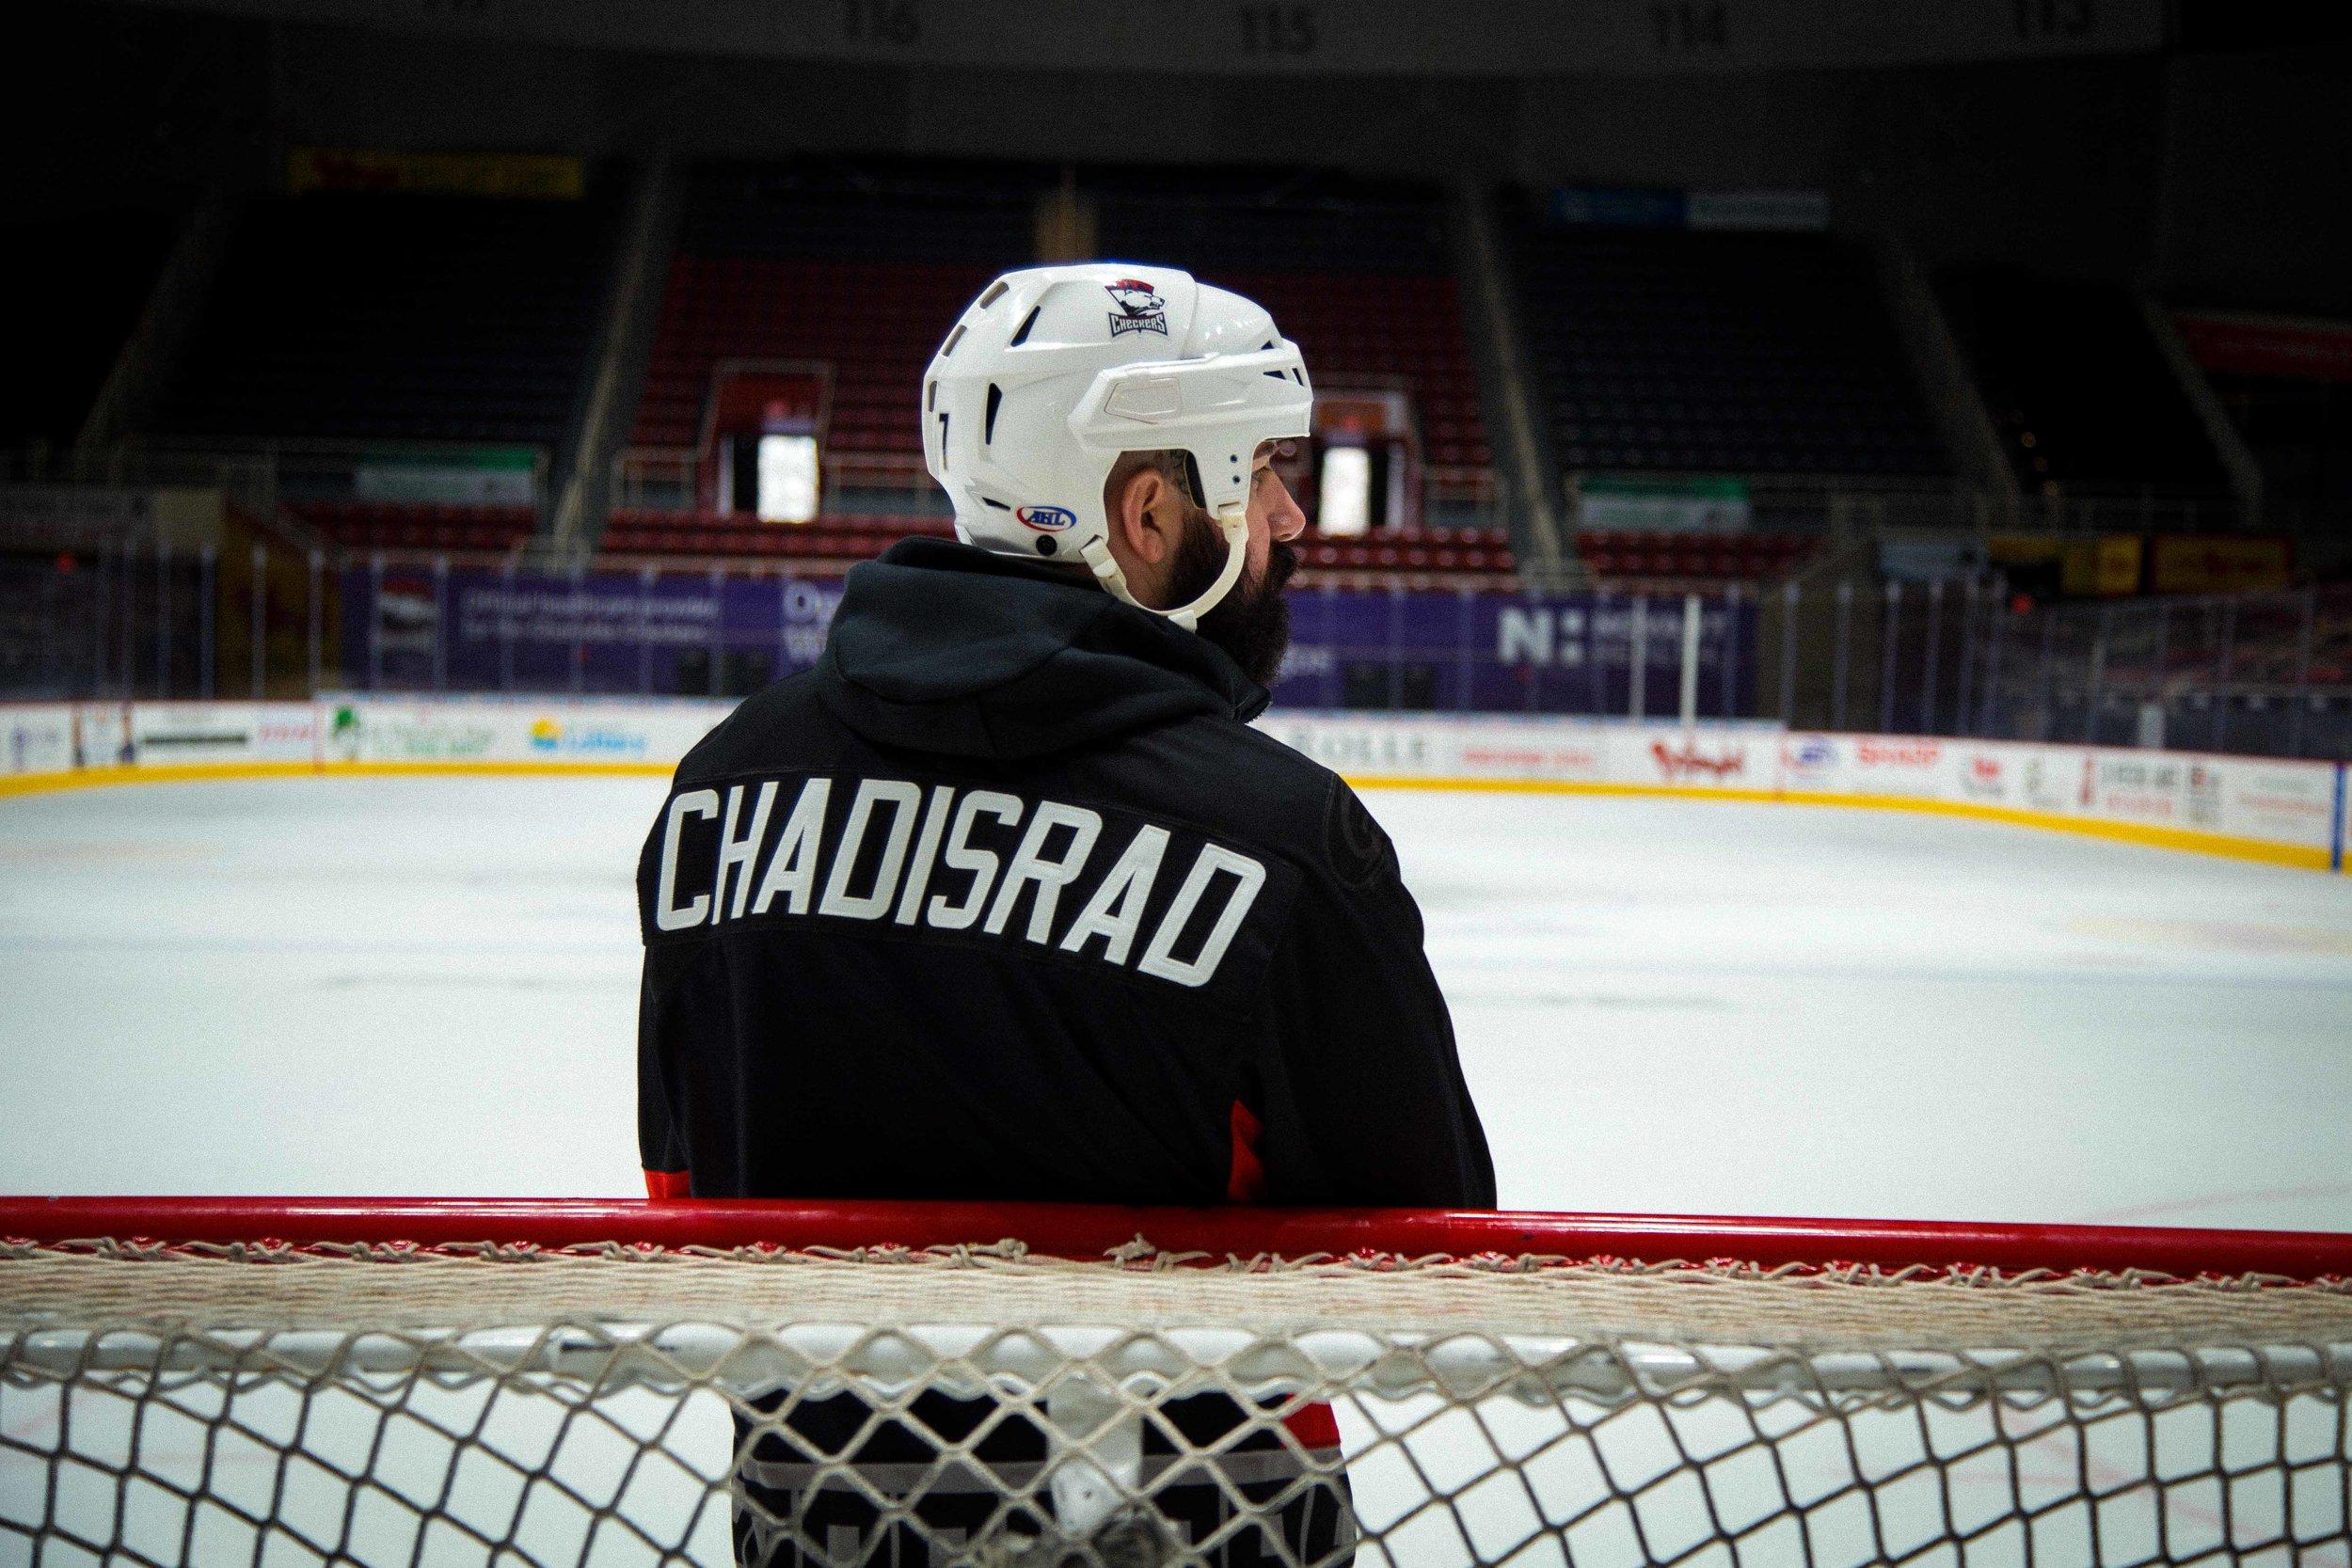 CHADISRAD-11.jpg